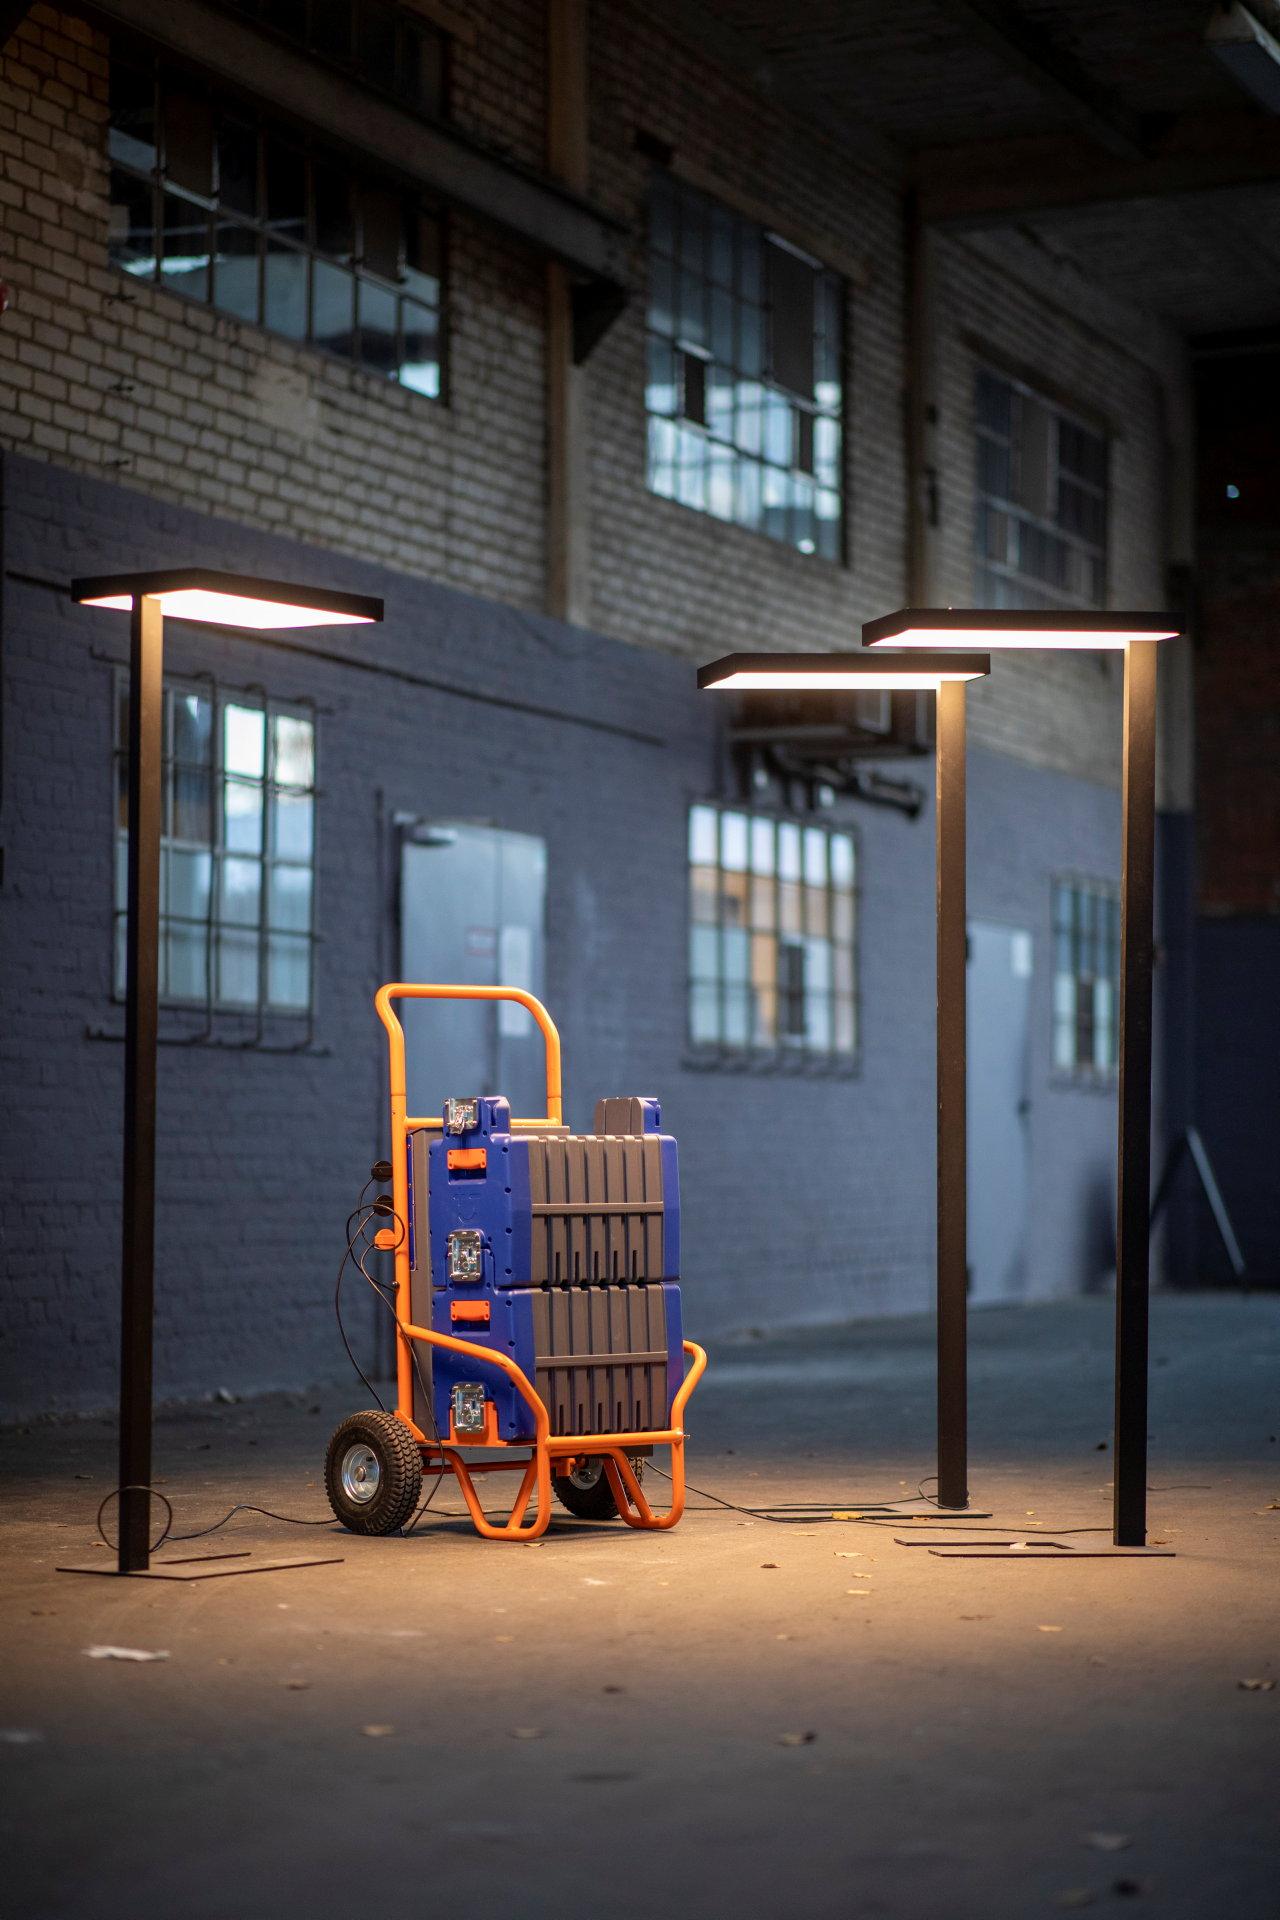 Sackkarre mit großen Batterien von drei Lampen beleuchtet.